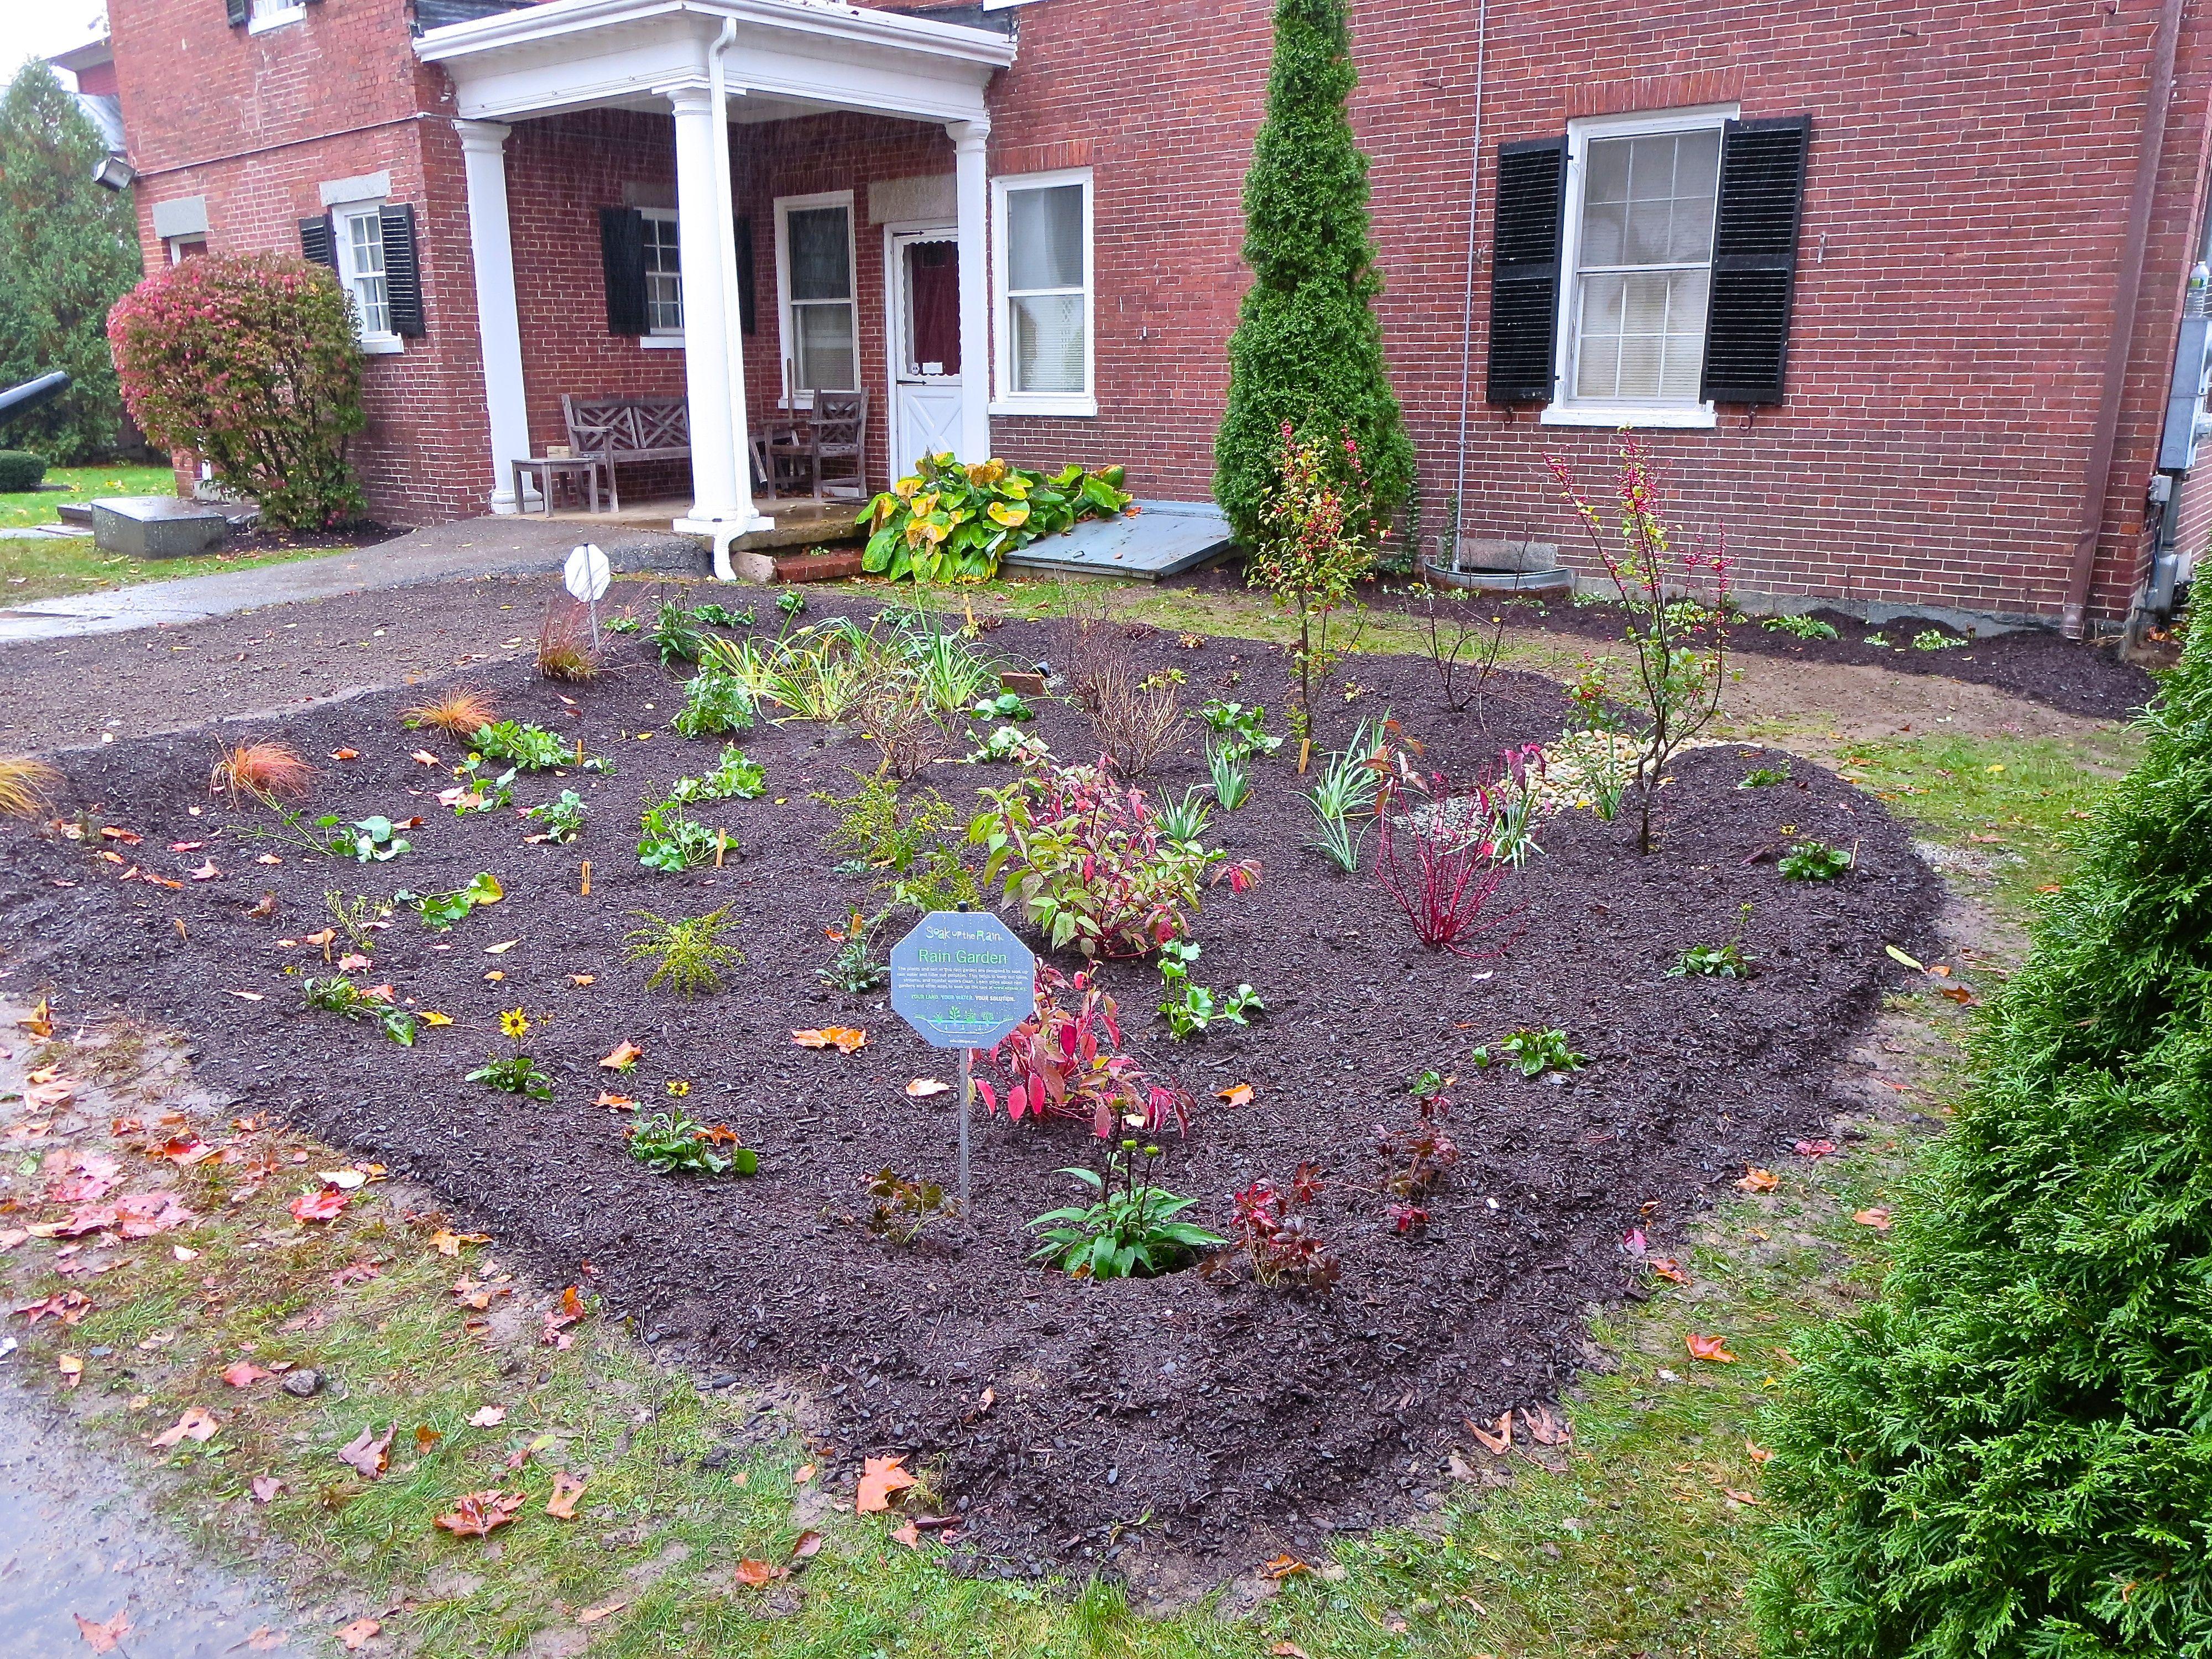 Rain garden newenglandgardenandthread for Home rain garden design